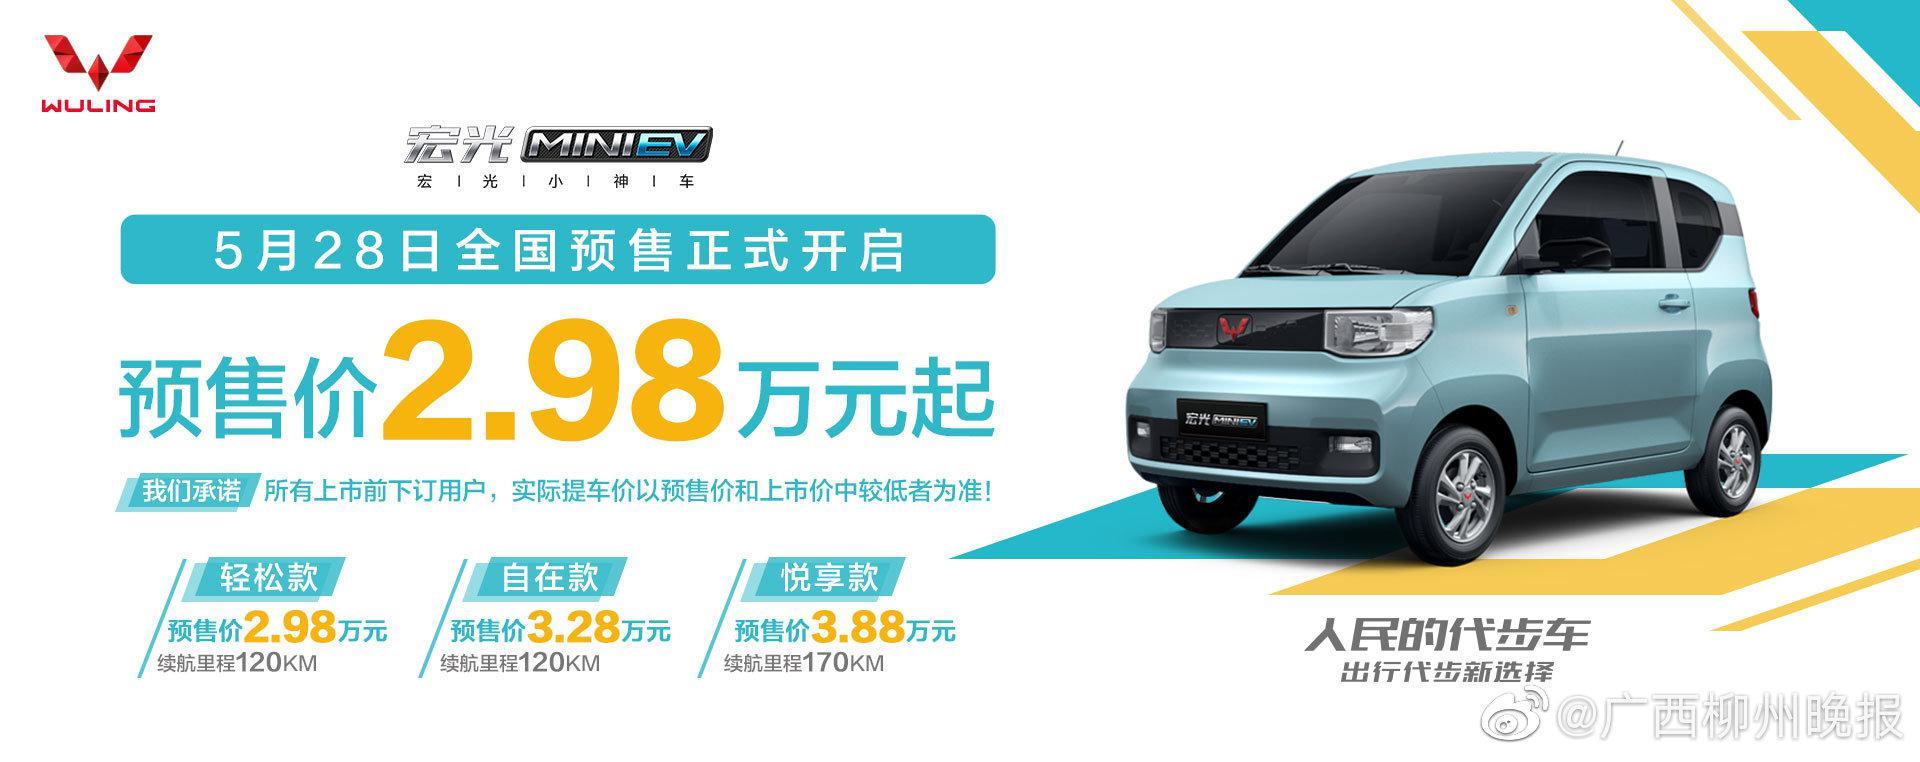 五菱宏光MINI今日开启预售!最低价格2.98万元起